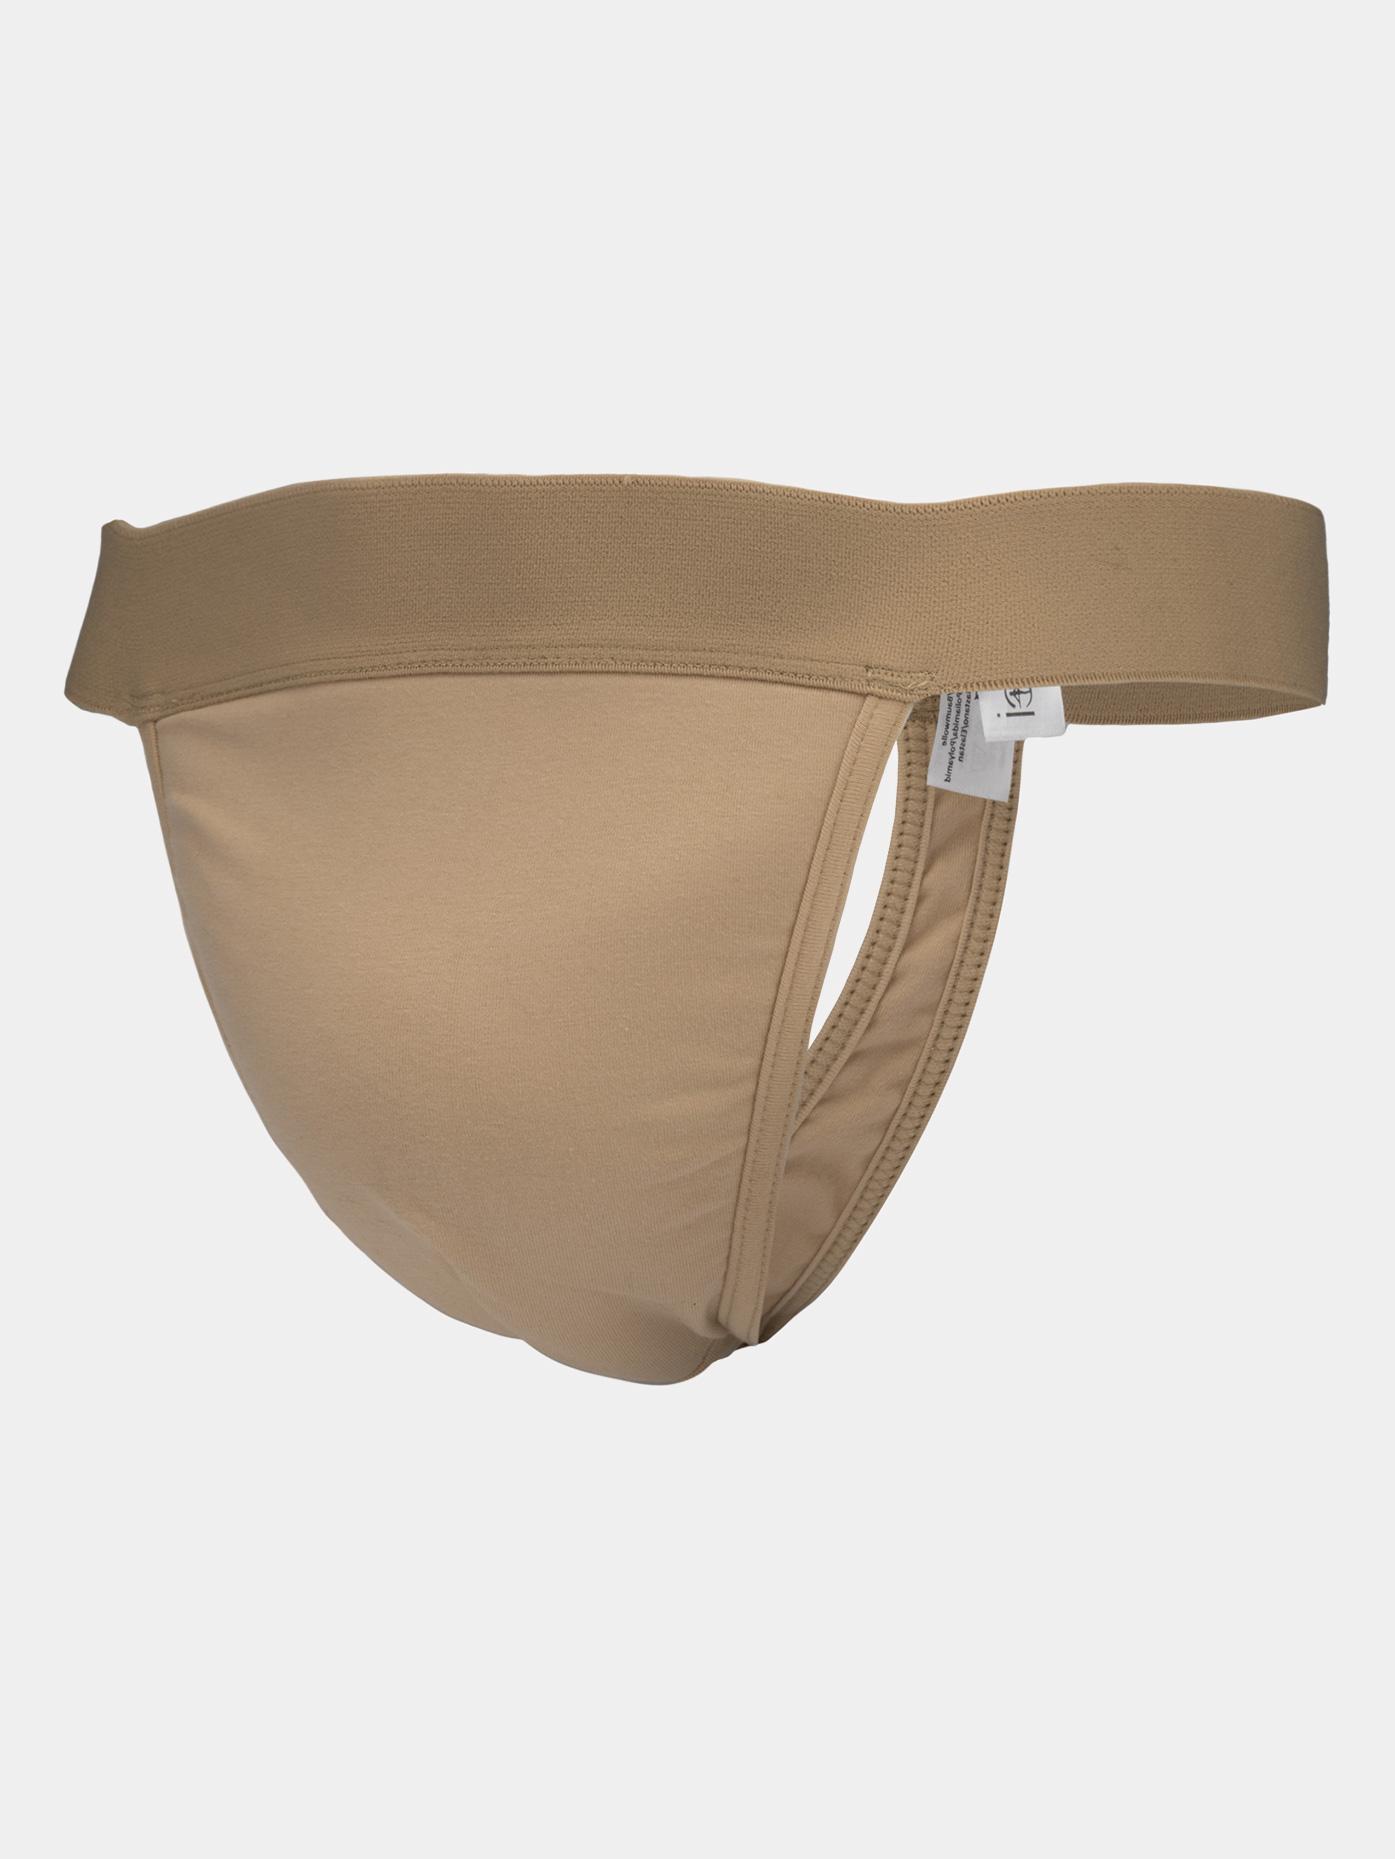 Wear Moi Boys Thong Back Dance Belt WM131C